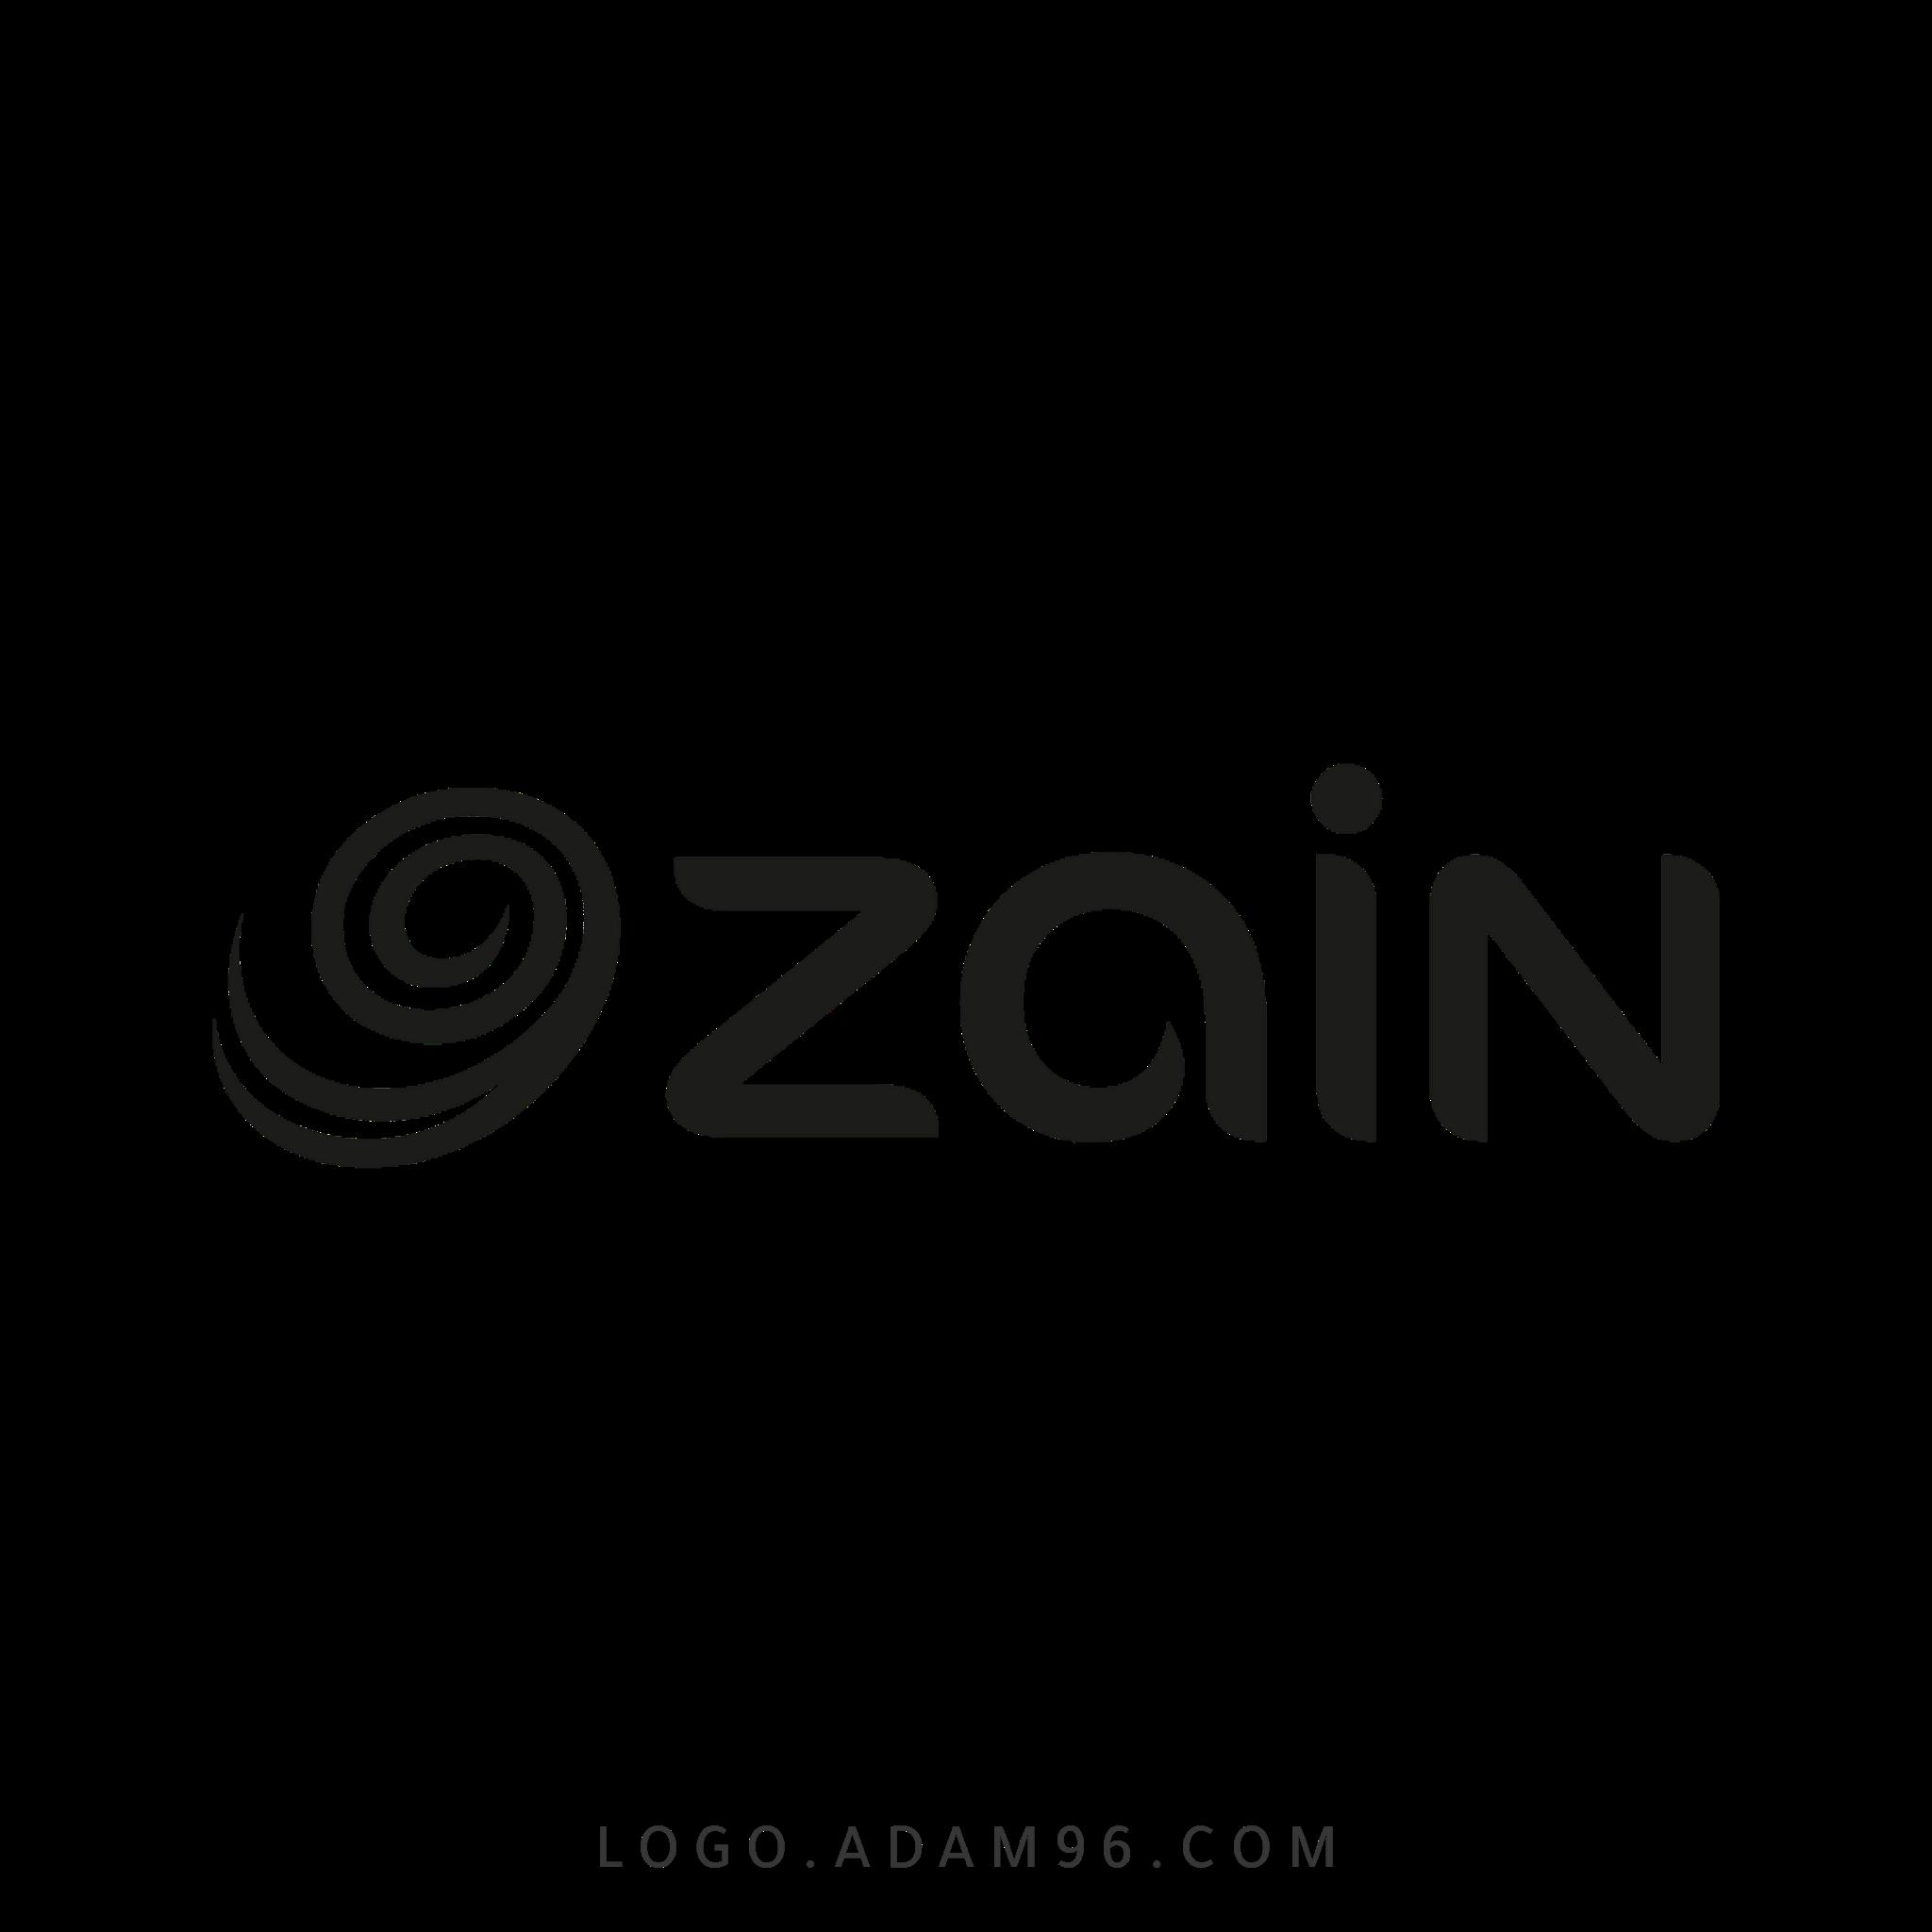 تحميل شعار شركة زين لوجو شفاف بجودة عالية Logo Zine PNG